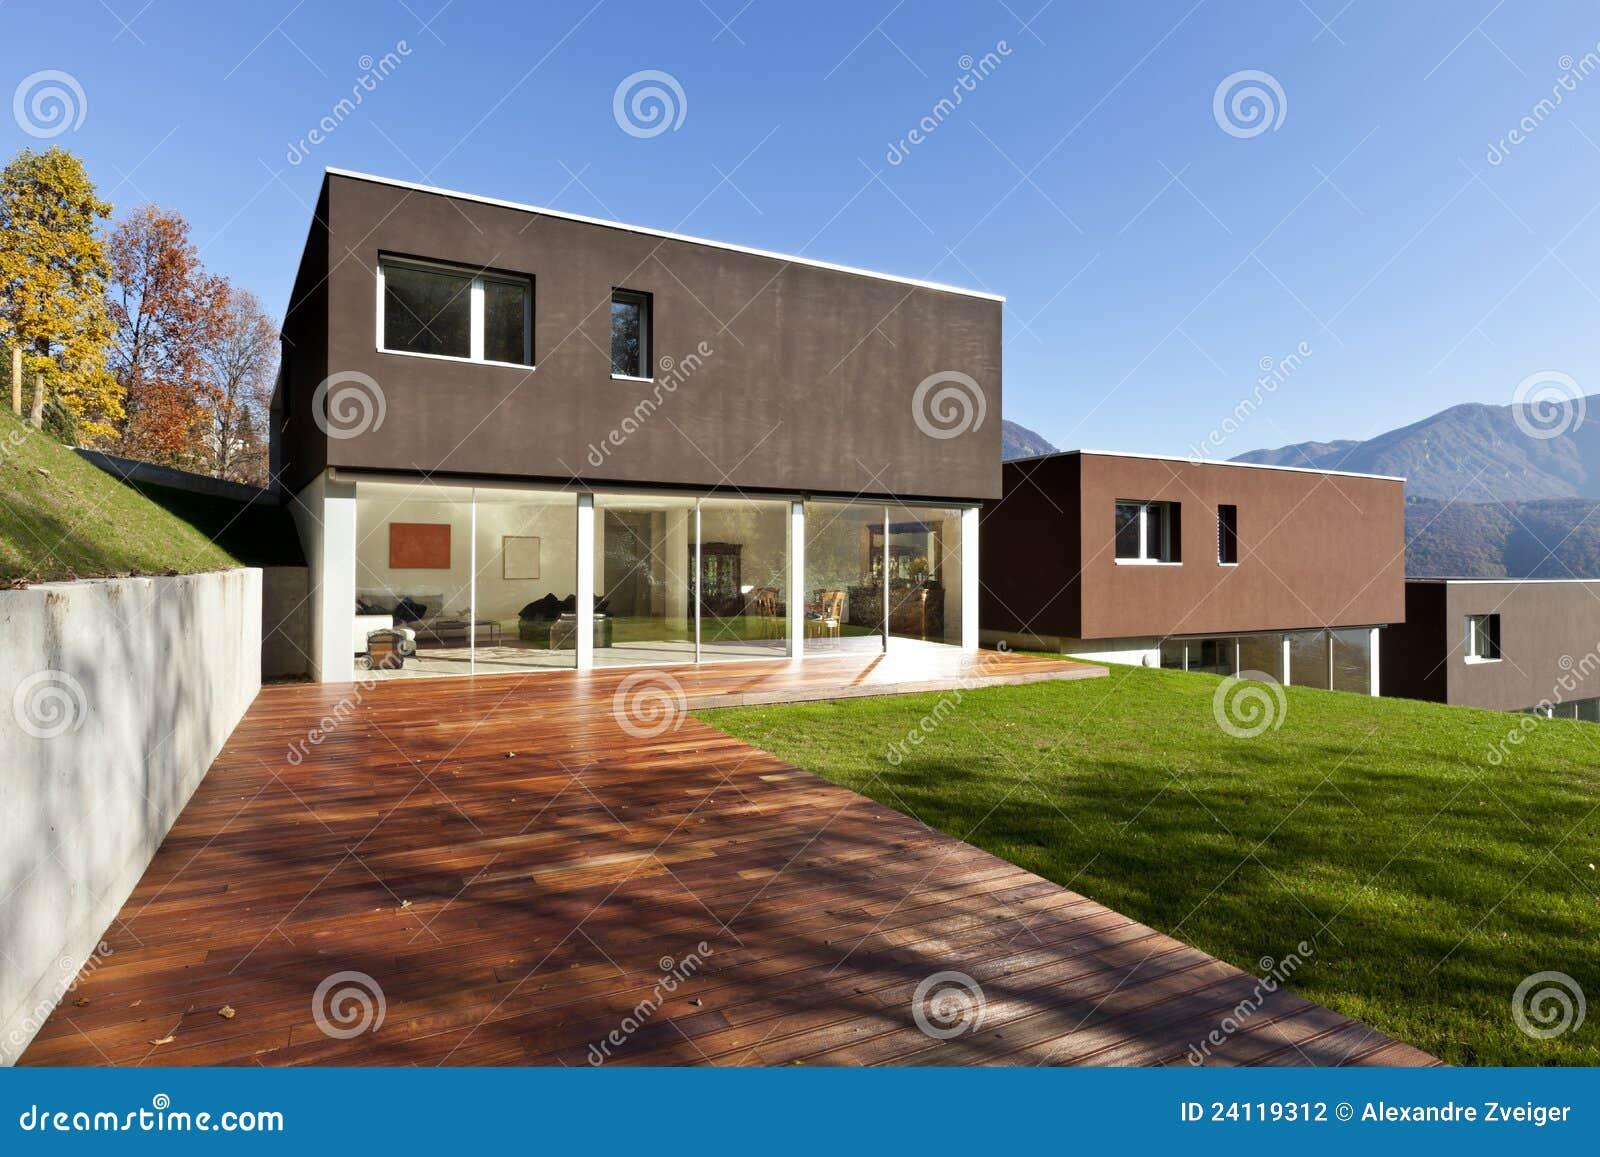 Moderne huizen met tuin stock fotografie beeld 24119312 - Tuin met openlucht design ...